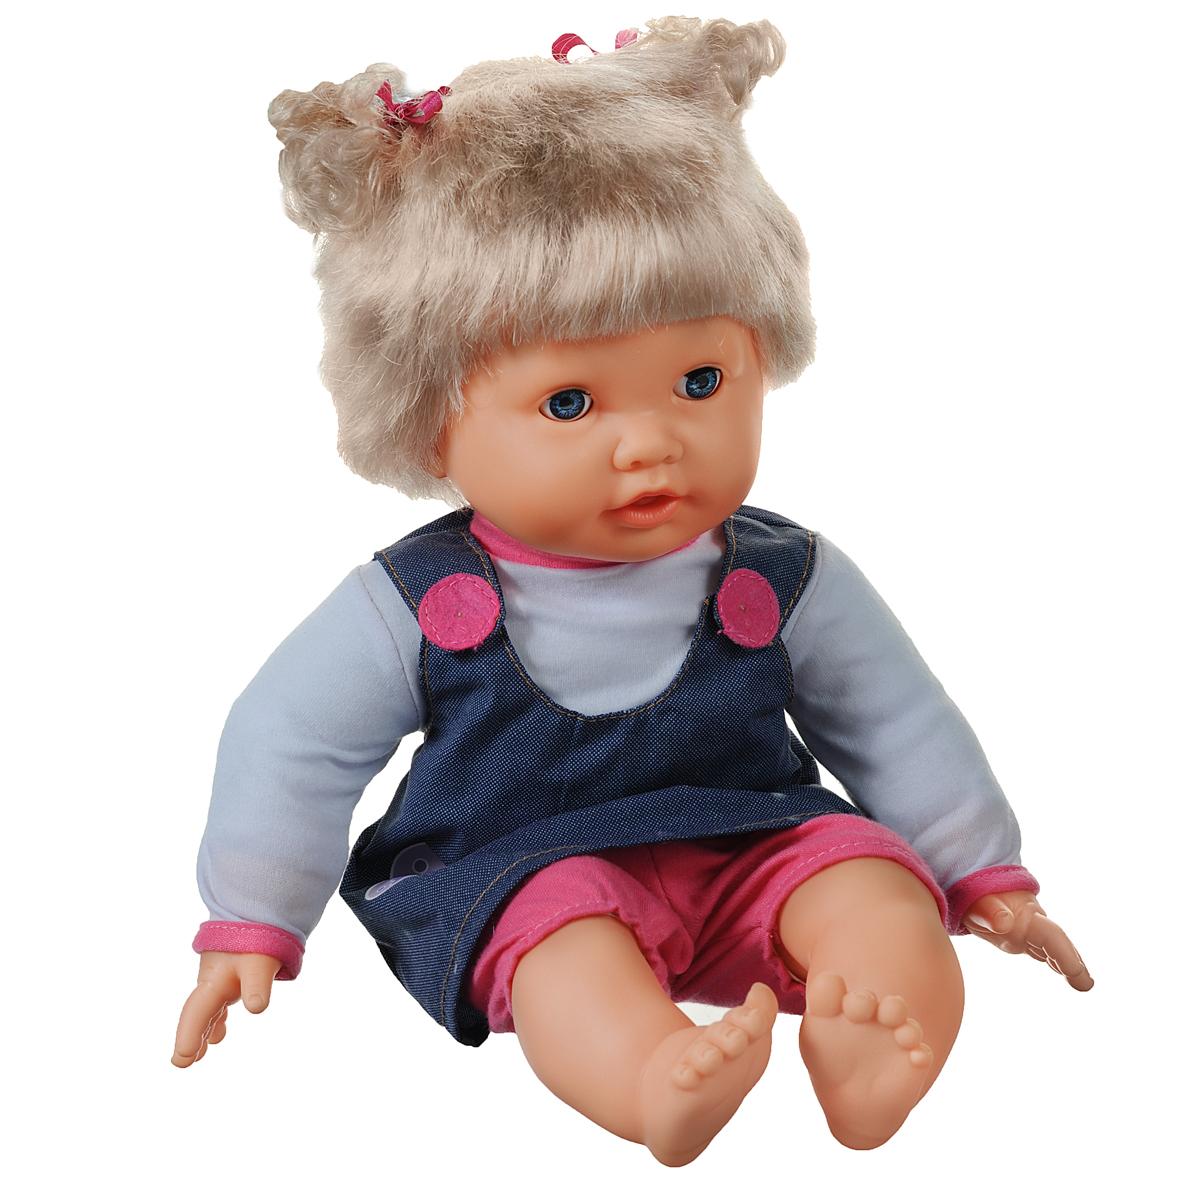 Mary Poppins Пупс Мила Поиграй со мной451100Интерактивная кукла Mary Poppins Поиграй со мной по имени Мила выглядит и ведет себя, как настоящий ребенок. Кукла со светлыми волосами и голубыми глазками одета в белую кофточку, синий сарафан и розовые бриджи. Глазки куклы закрываются, если положить ее на спинку. Мила говорит более 12 фраз. Она умеет считать и рассказывает стихотворение: Мама, а я научилась считать! Хочешь, я посчитаю пальчики?.. А ты знаешь стихотворение про пальчики? У Милы есть очаровательная мягкая игрушка-кукла в виде прекрасной звездочки. Если ее прислонить к животику Милы, то она скажет: Здравствуй, моя маленькая куколка! Ты моя самая любимая игрушка!Прикоснитесь левой ручкой куклы к ее губам, и она скажет, например: Это мой ротик! Поцелуй меня, мамочка! и т.д. Если ручки куклы соединить вместе, она скажет, например: Я хлопаю в ладоши! или Ладушки, ладушки, где были? У бабушки… В комплект с куклой входят игрушка и леденец. Игра с куклой разовьет в вашей малышке фантазию и...